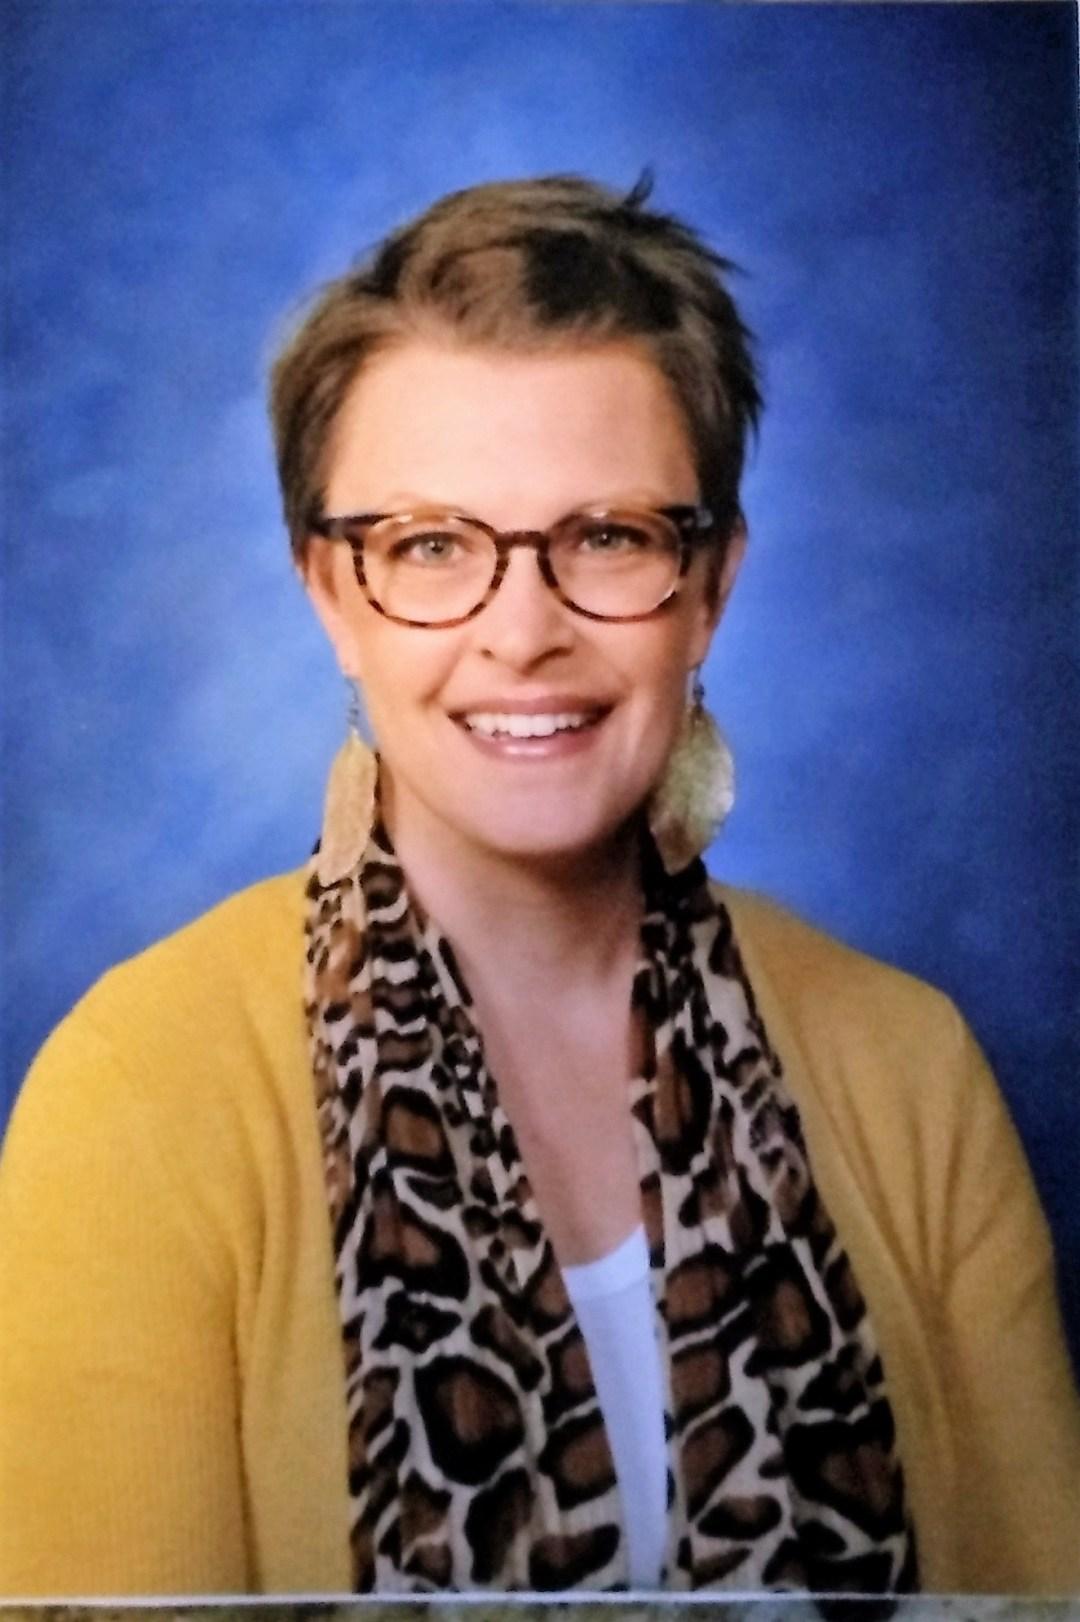 Katie Brammer